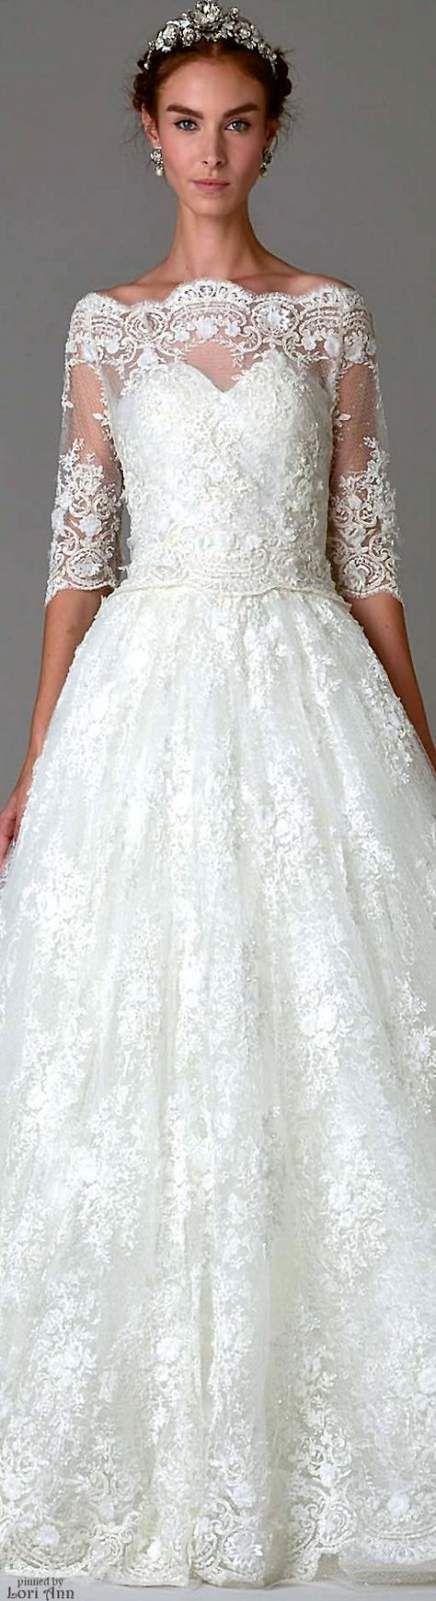 Best Wedding Dresses Unique Fairy Tales Ideas – wedding dresses & wedding ideas